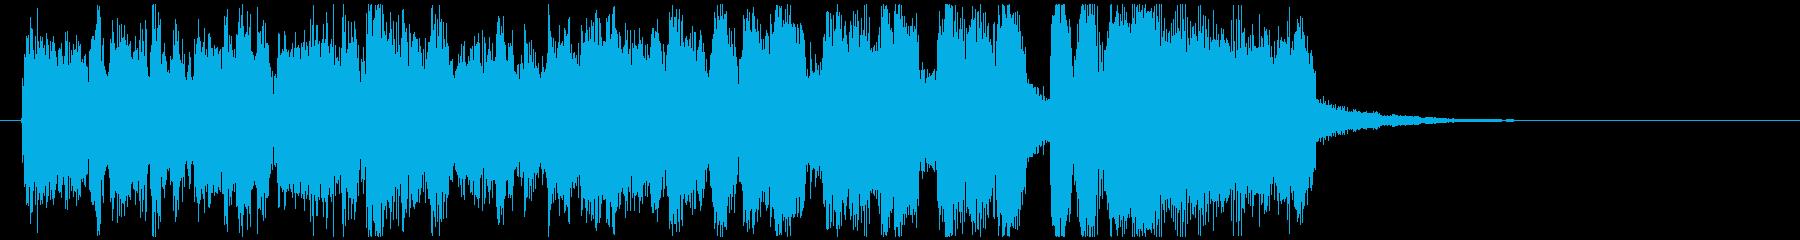 カジノ、ジャズ系ファンファーレ ※9秒版の再生済みの波形